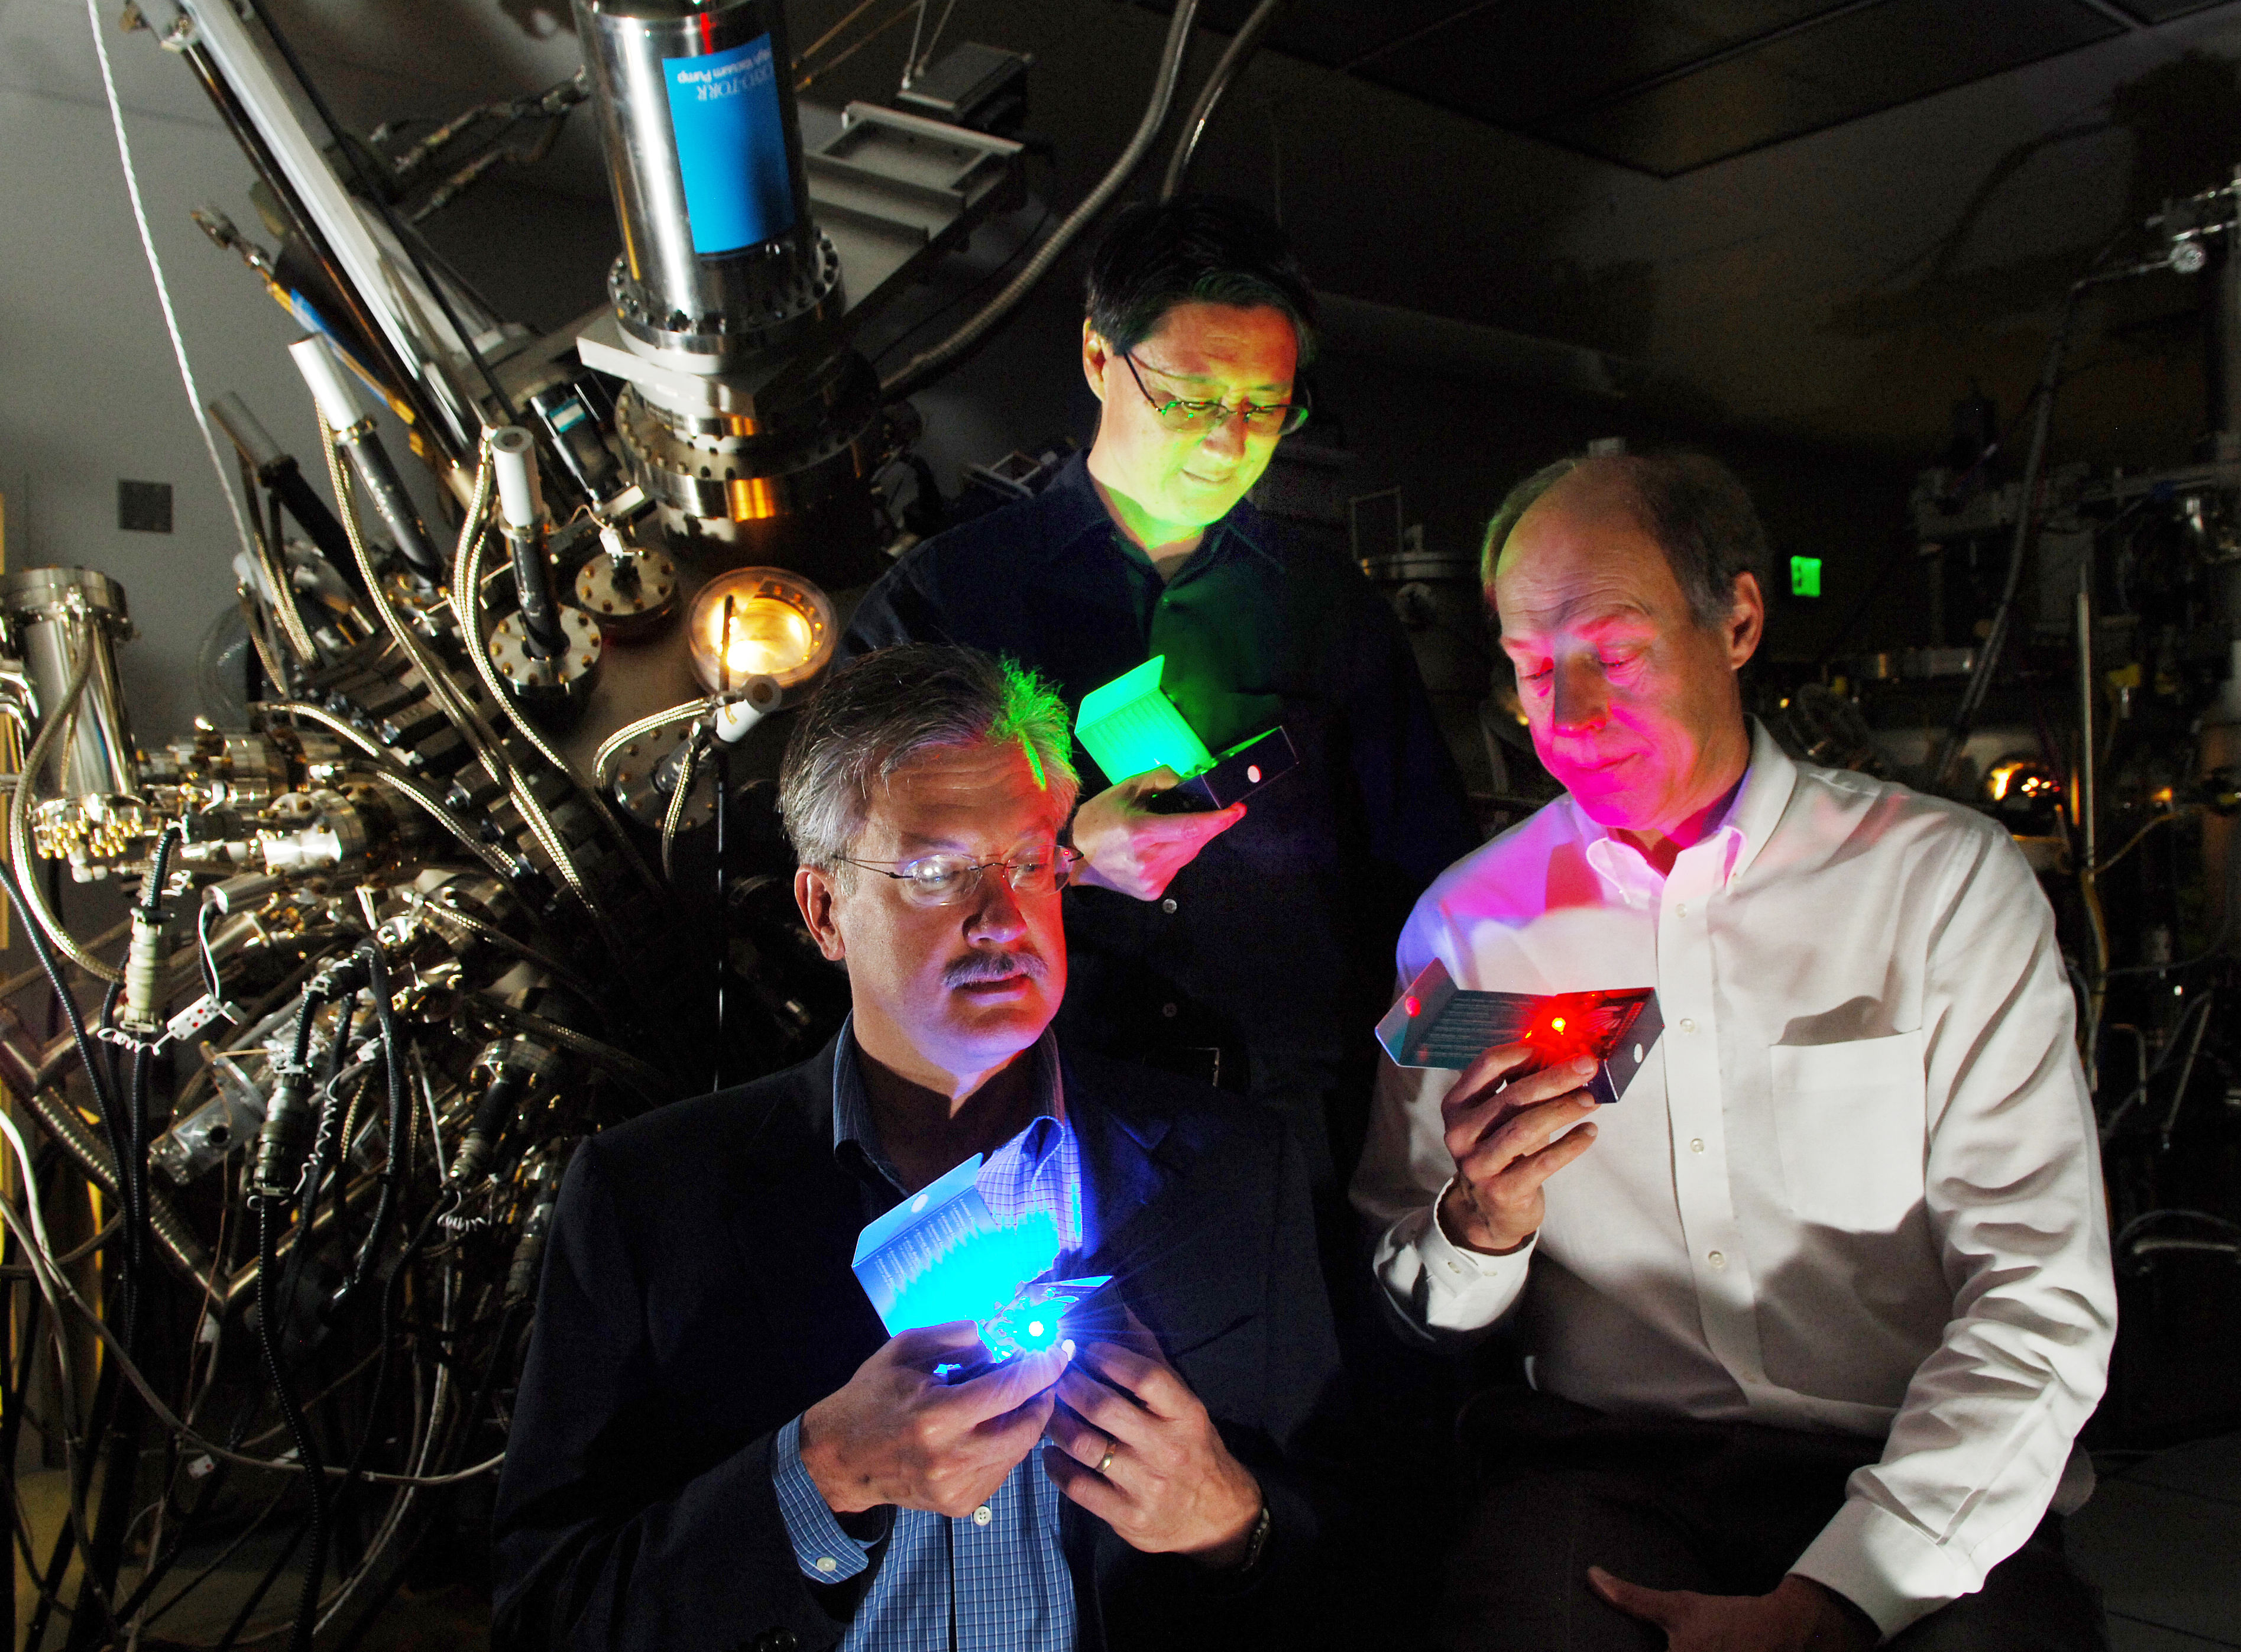 De VVD kleurt de wetenschap in